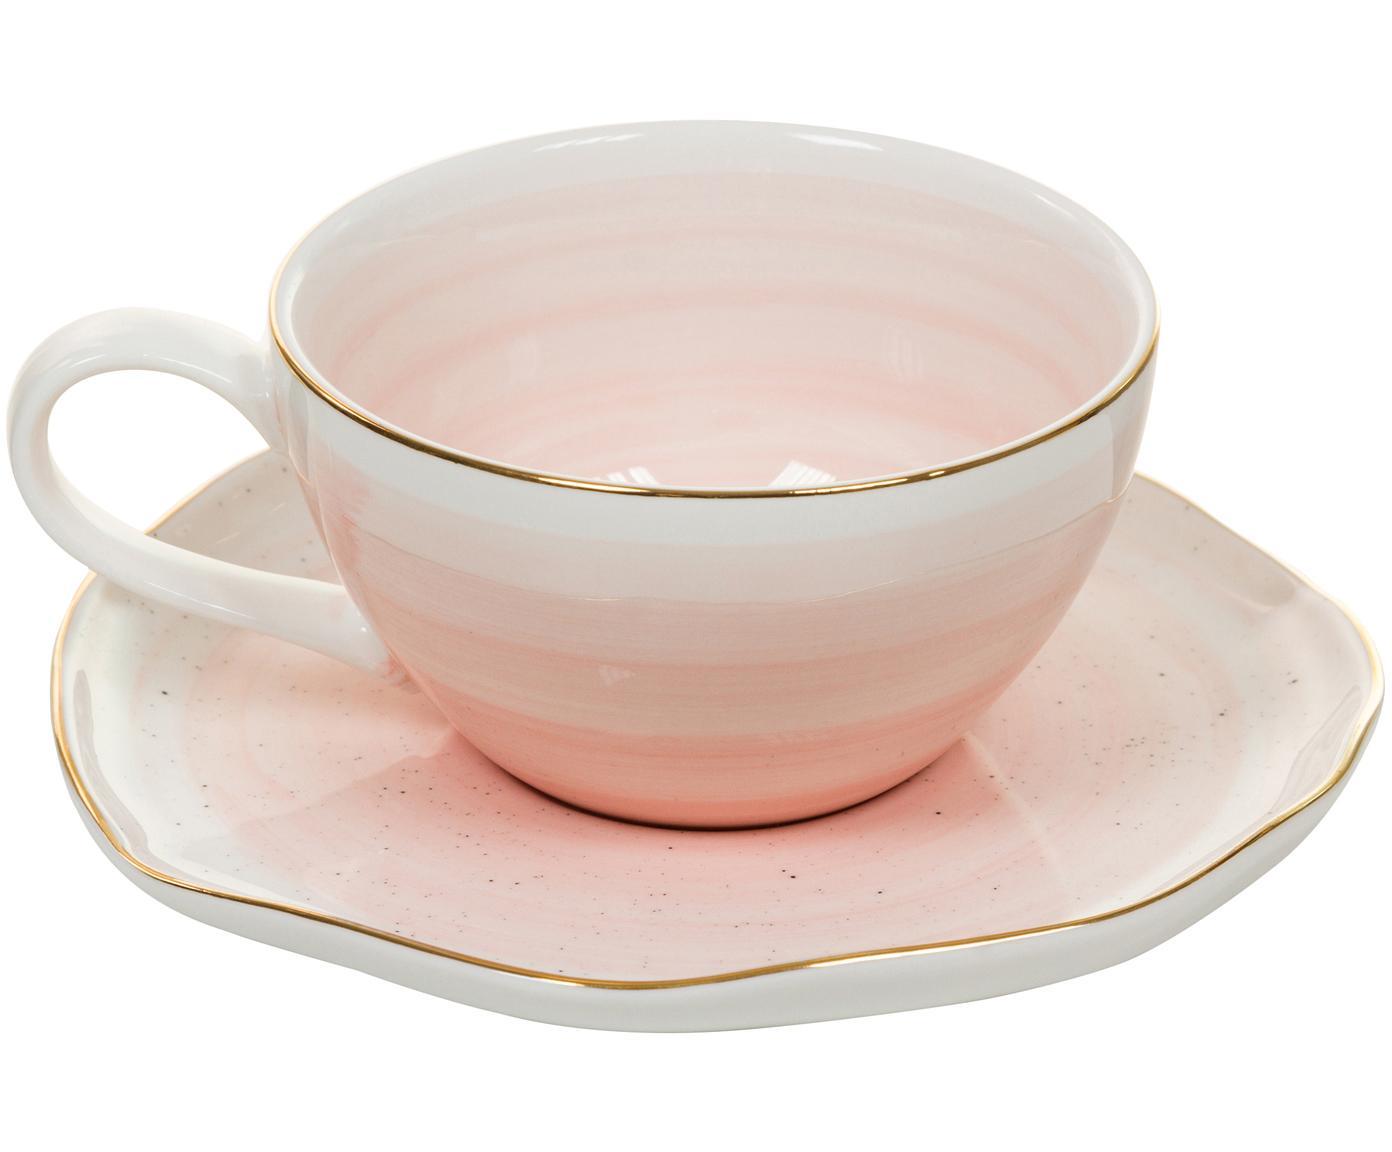 Handgemachte Tassen Bol mit Goldrand, 4-Set, Porzellan, Rosa, Ø 10 x H 6 cm